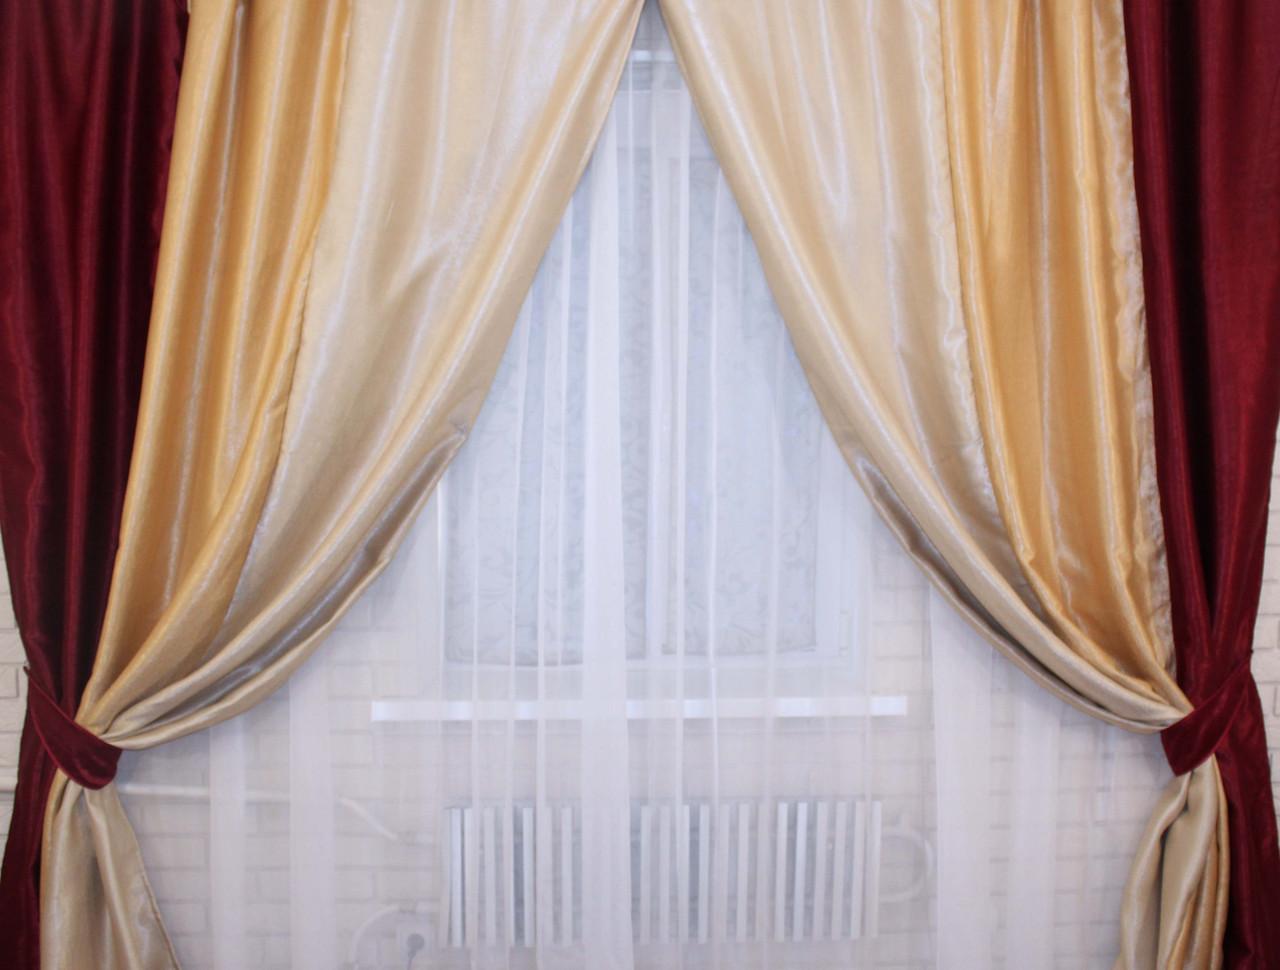 Шторы из ткани блекаут Софт. Цвет бордовый с золотистым и бежевым. Код 016дк